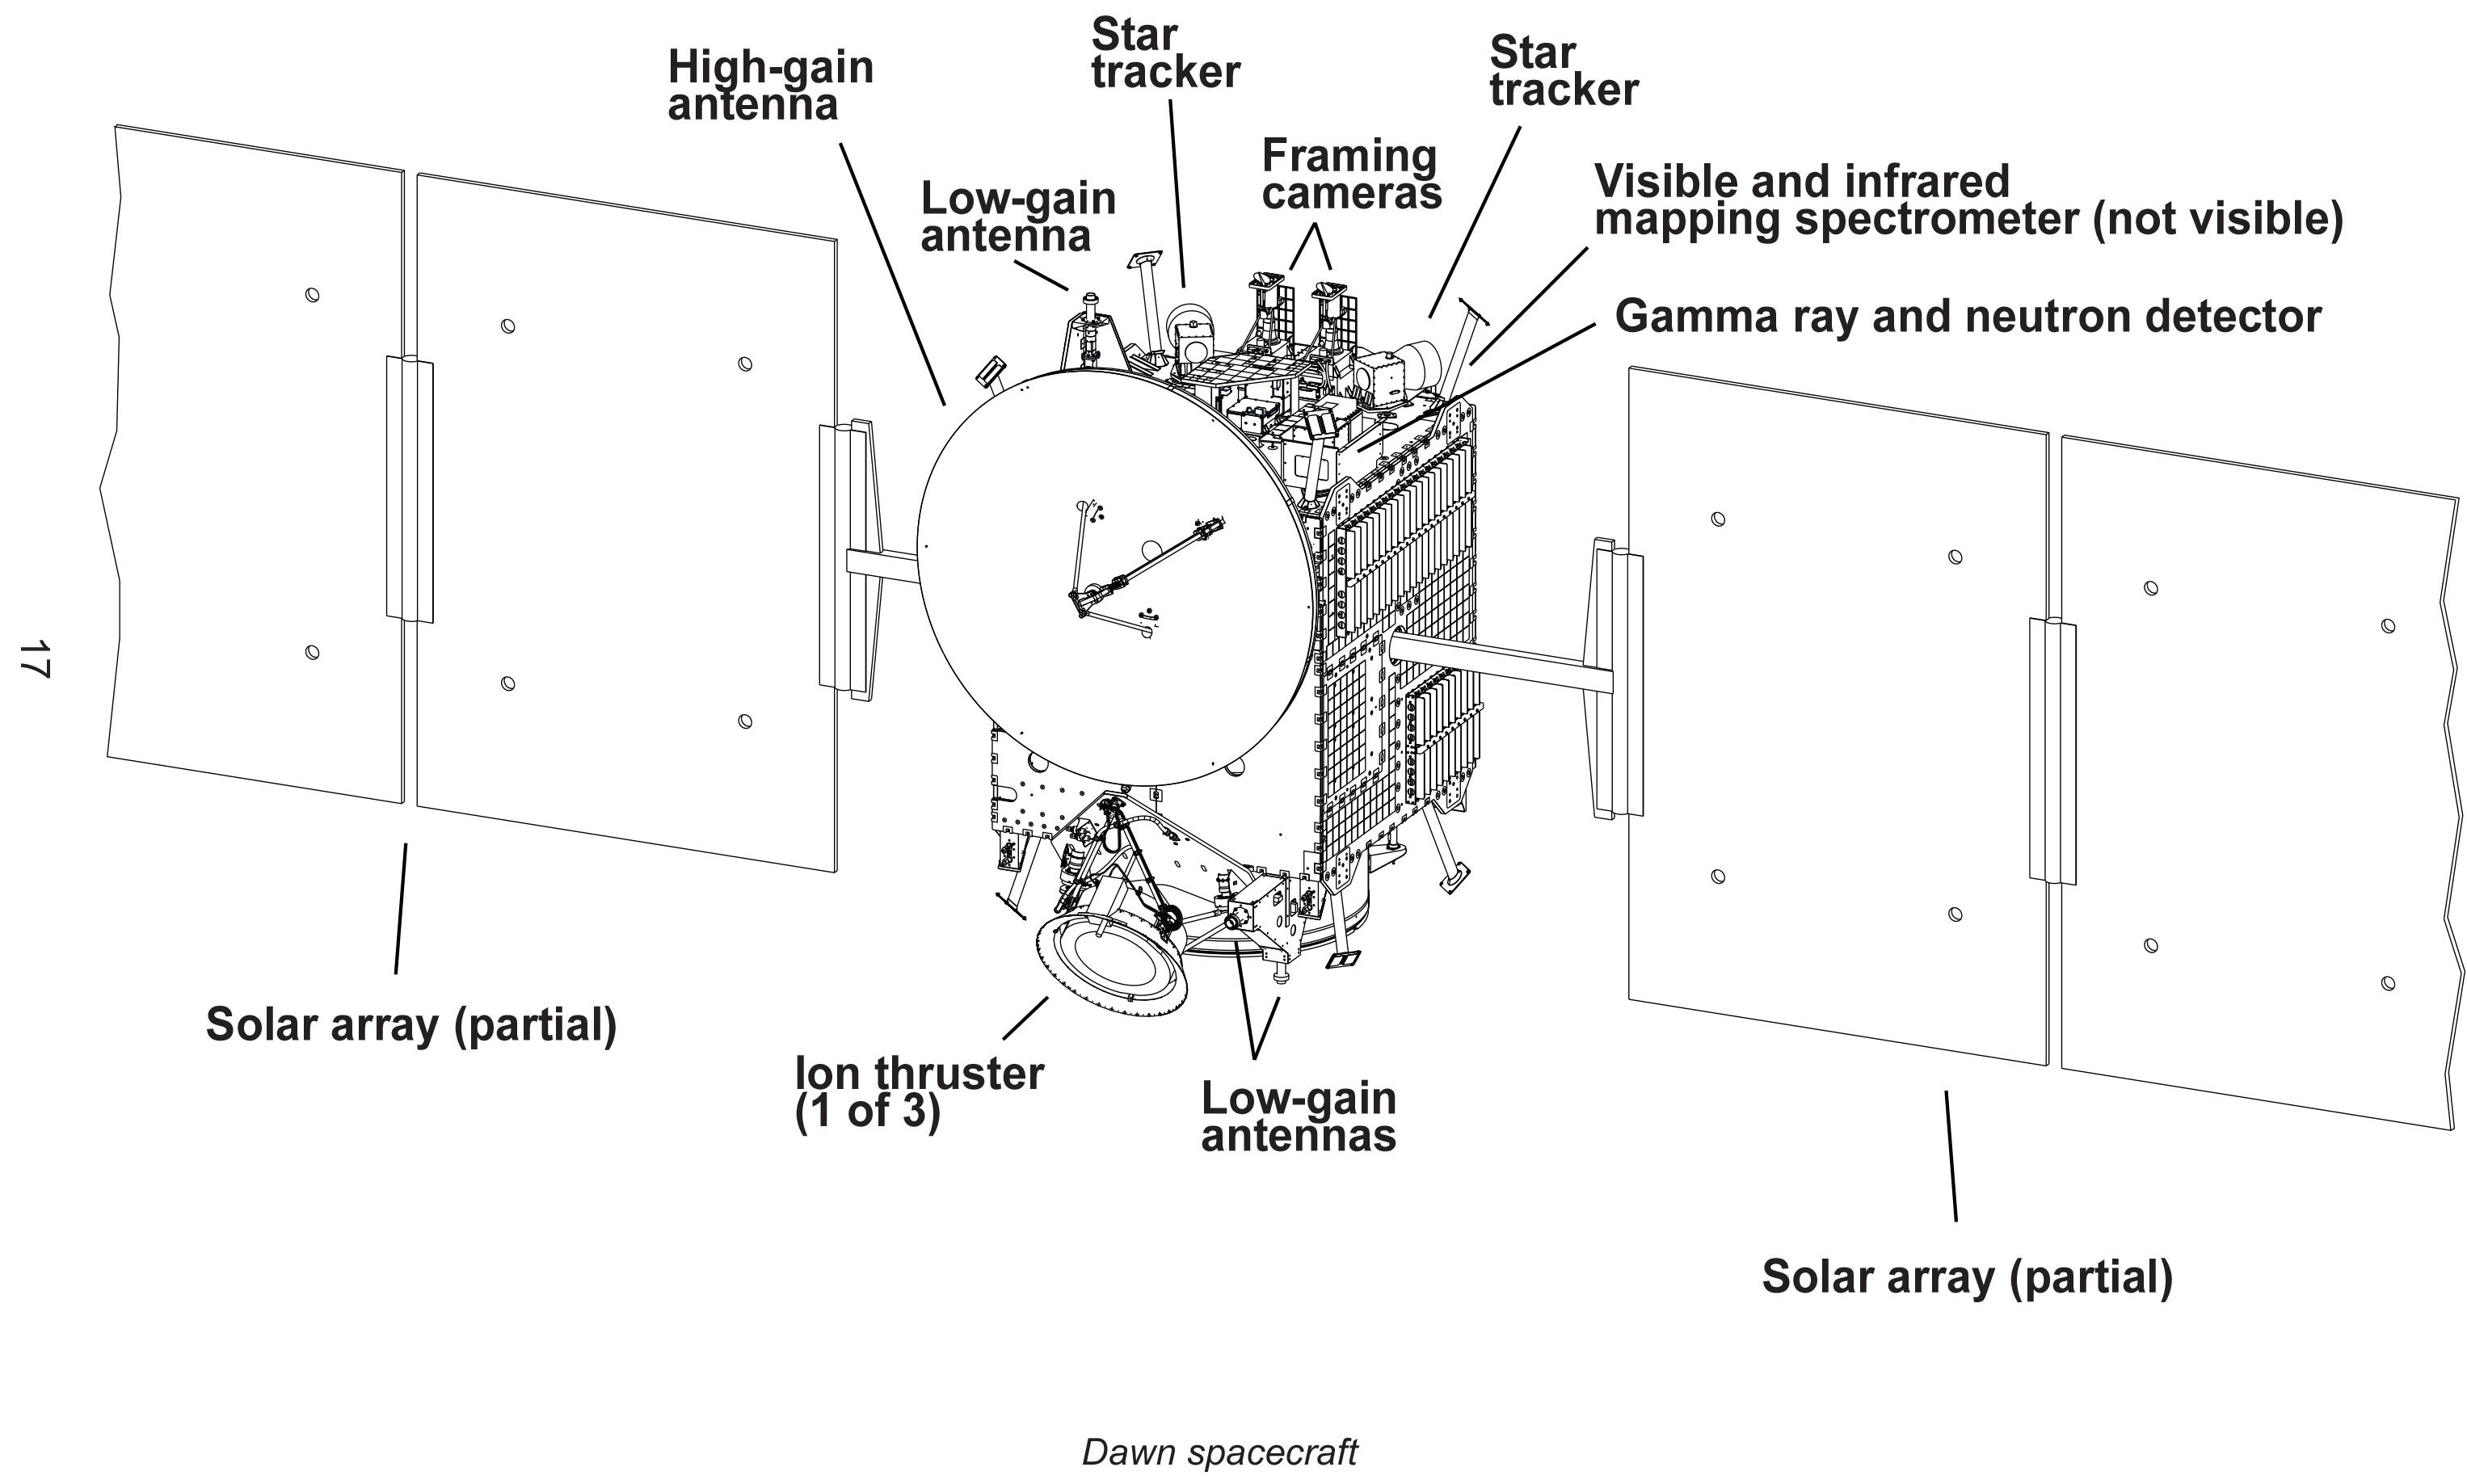 Dawn Spacecraft Diagram No 1